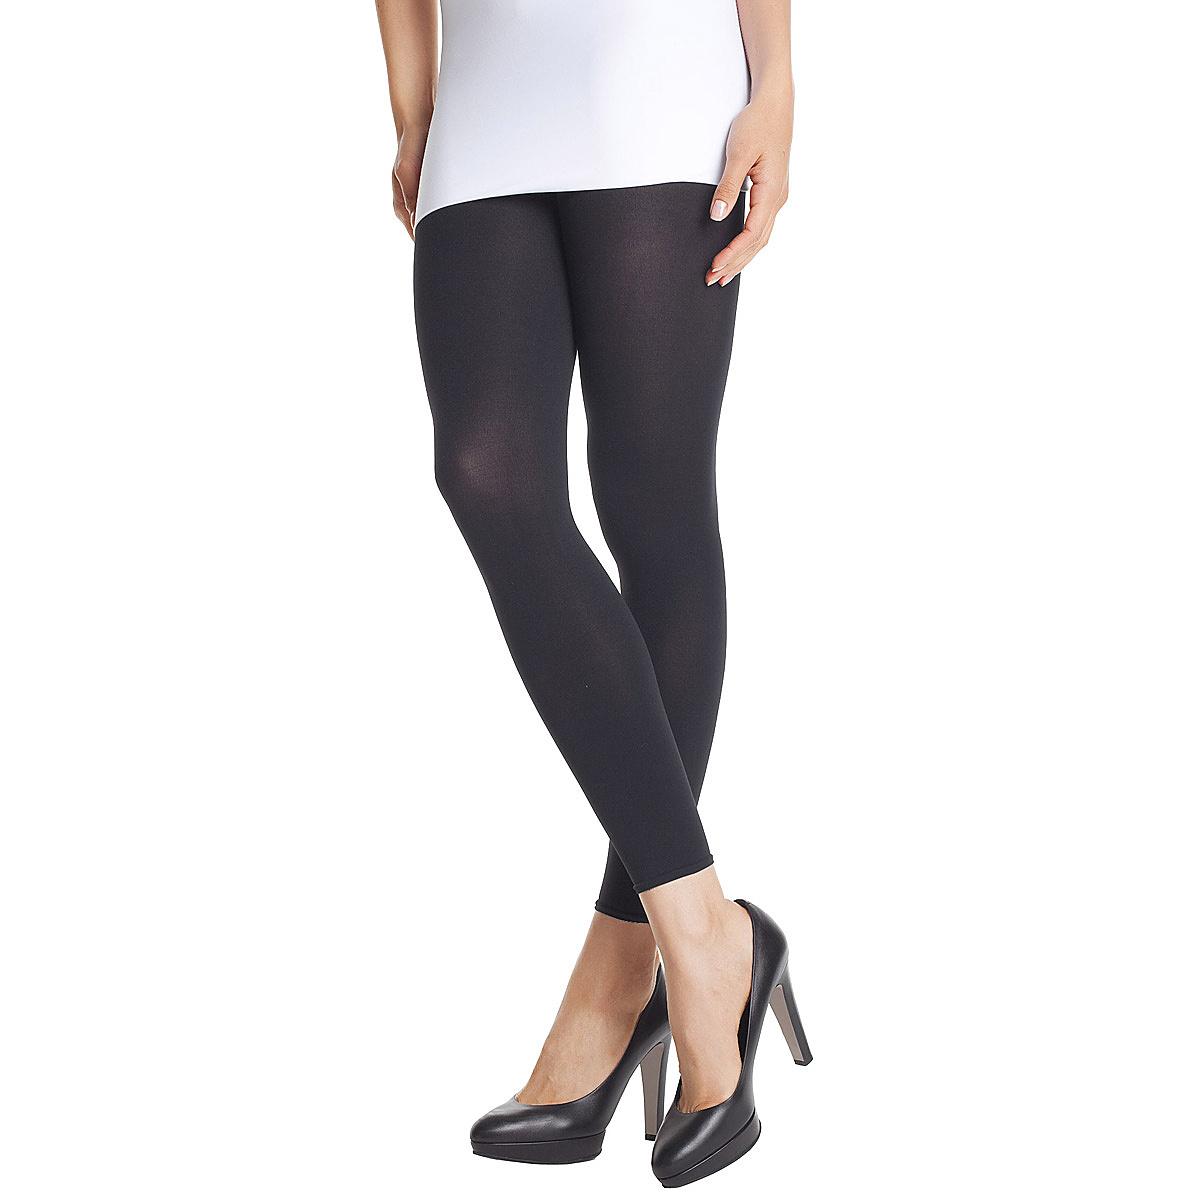 9eecbf3fbd619 Legging noir DIM SIGNATURE Opaque Velouté 60D